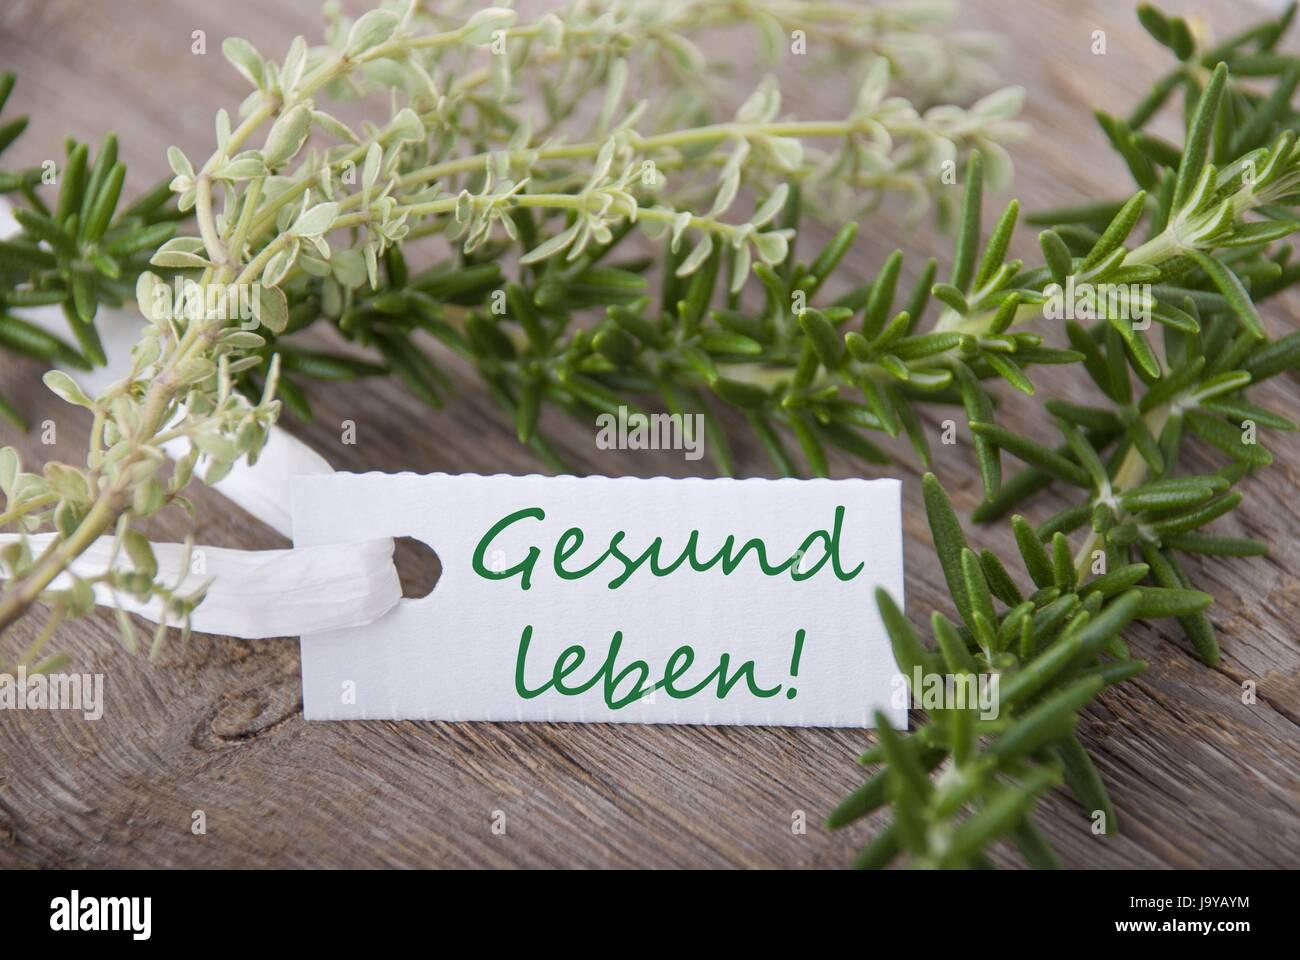 ein Tag mit dem deutschen Worte Gesund Leben was bedeutet Leben gesund mit Kräutern im Hintergrund Stockbild